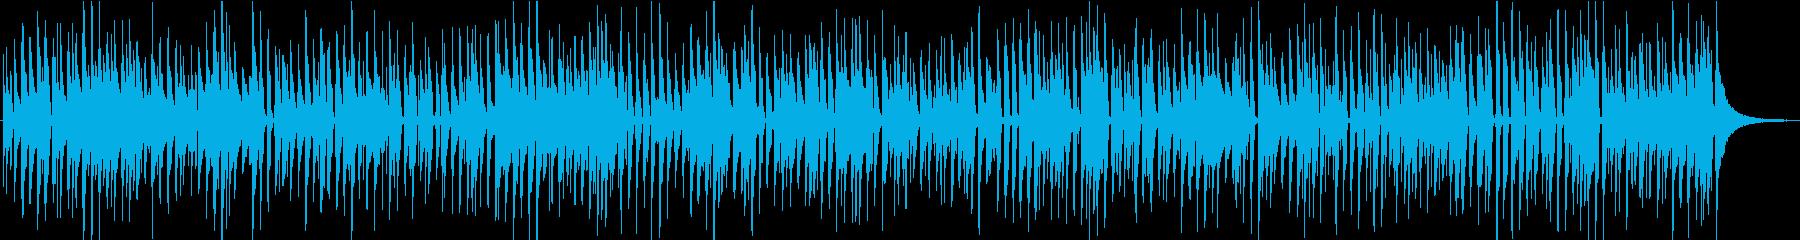 楽しげなウクレレだけで構成された曲の再生済みの波形